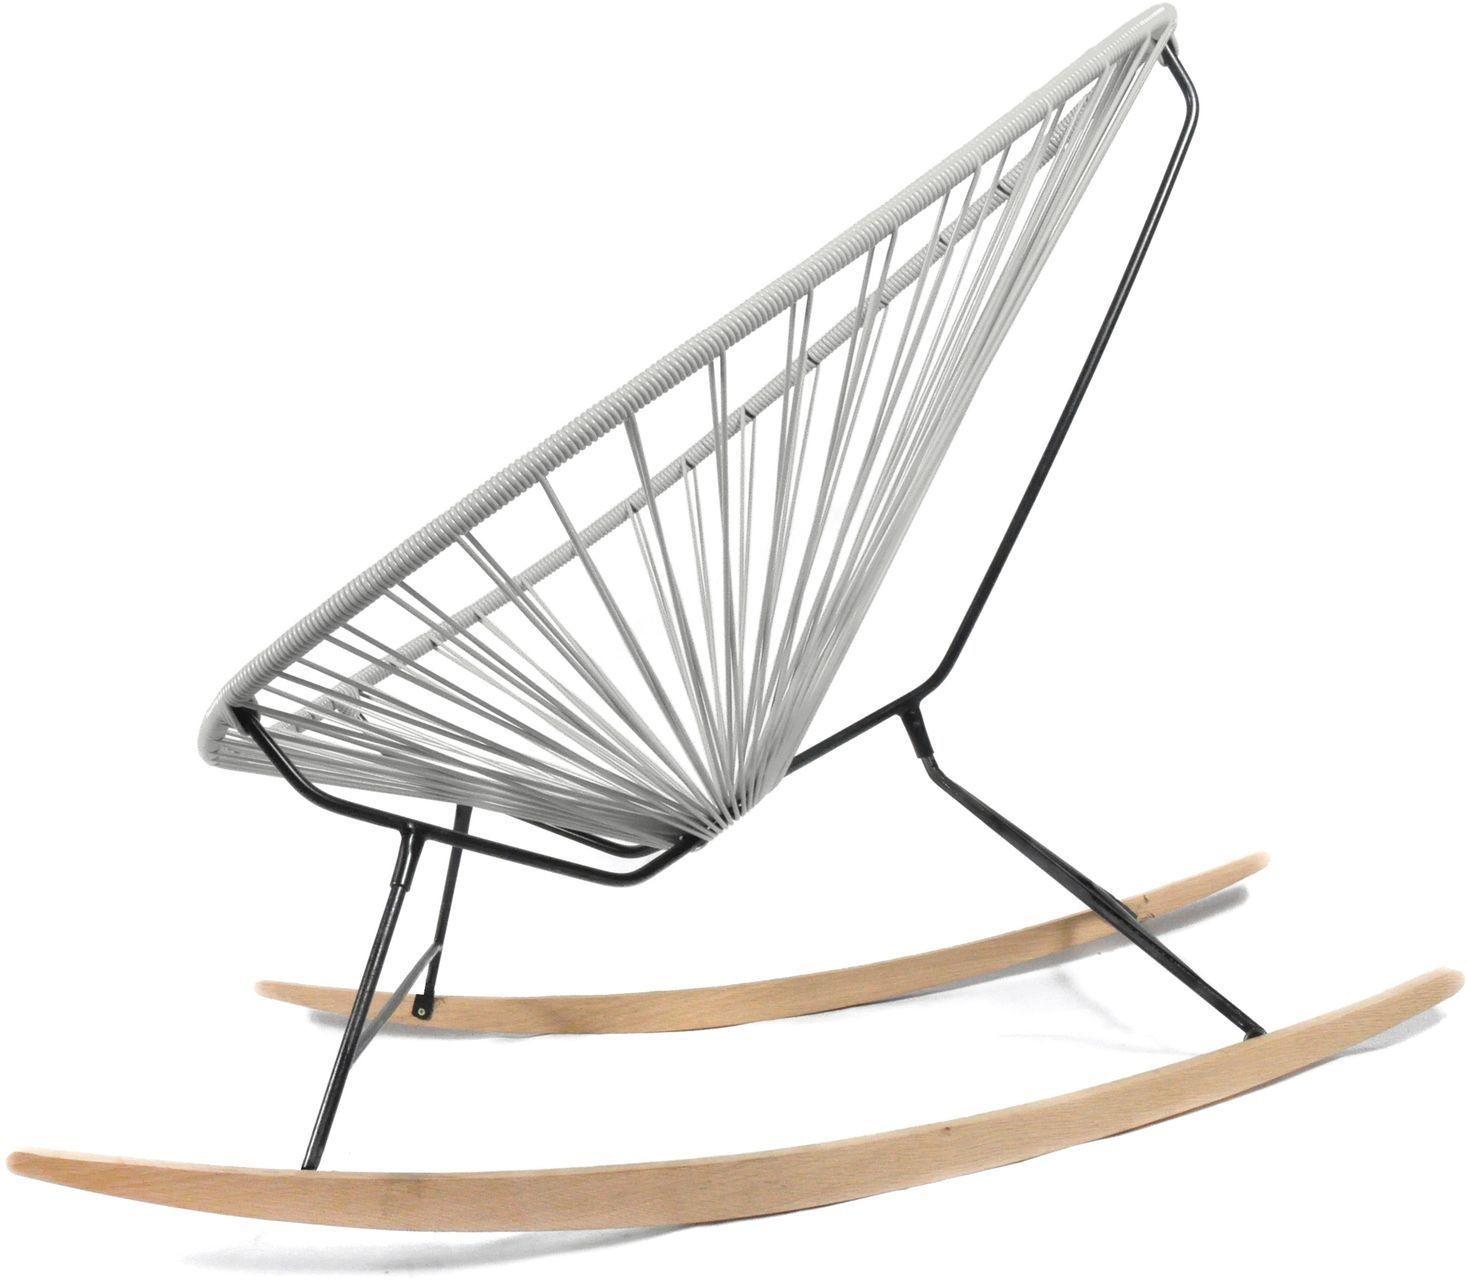 Acapulco chair wood rocker design schaukelstuhl boqa - Designer schaukelstuhl ...